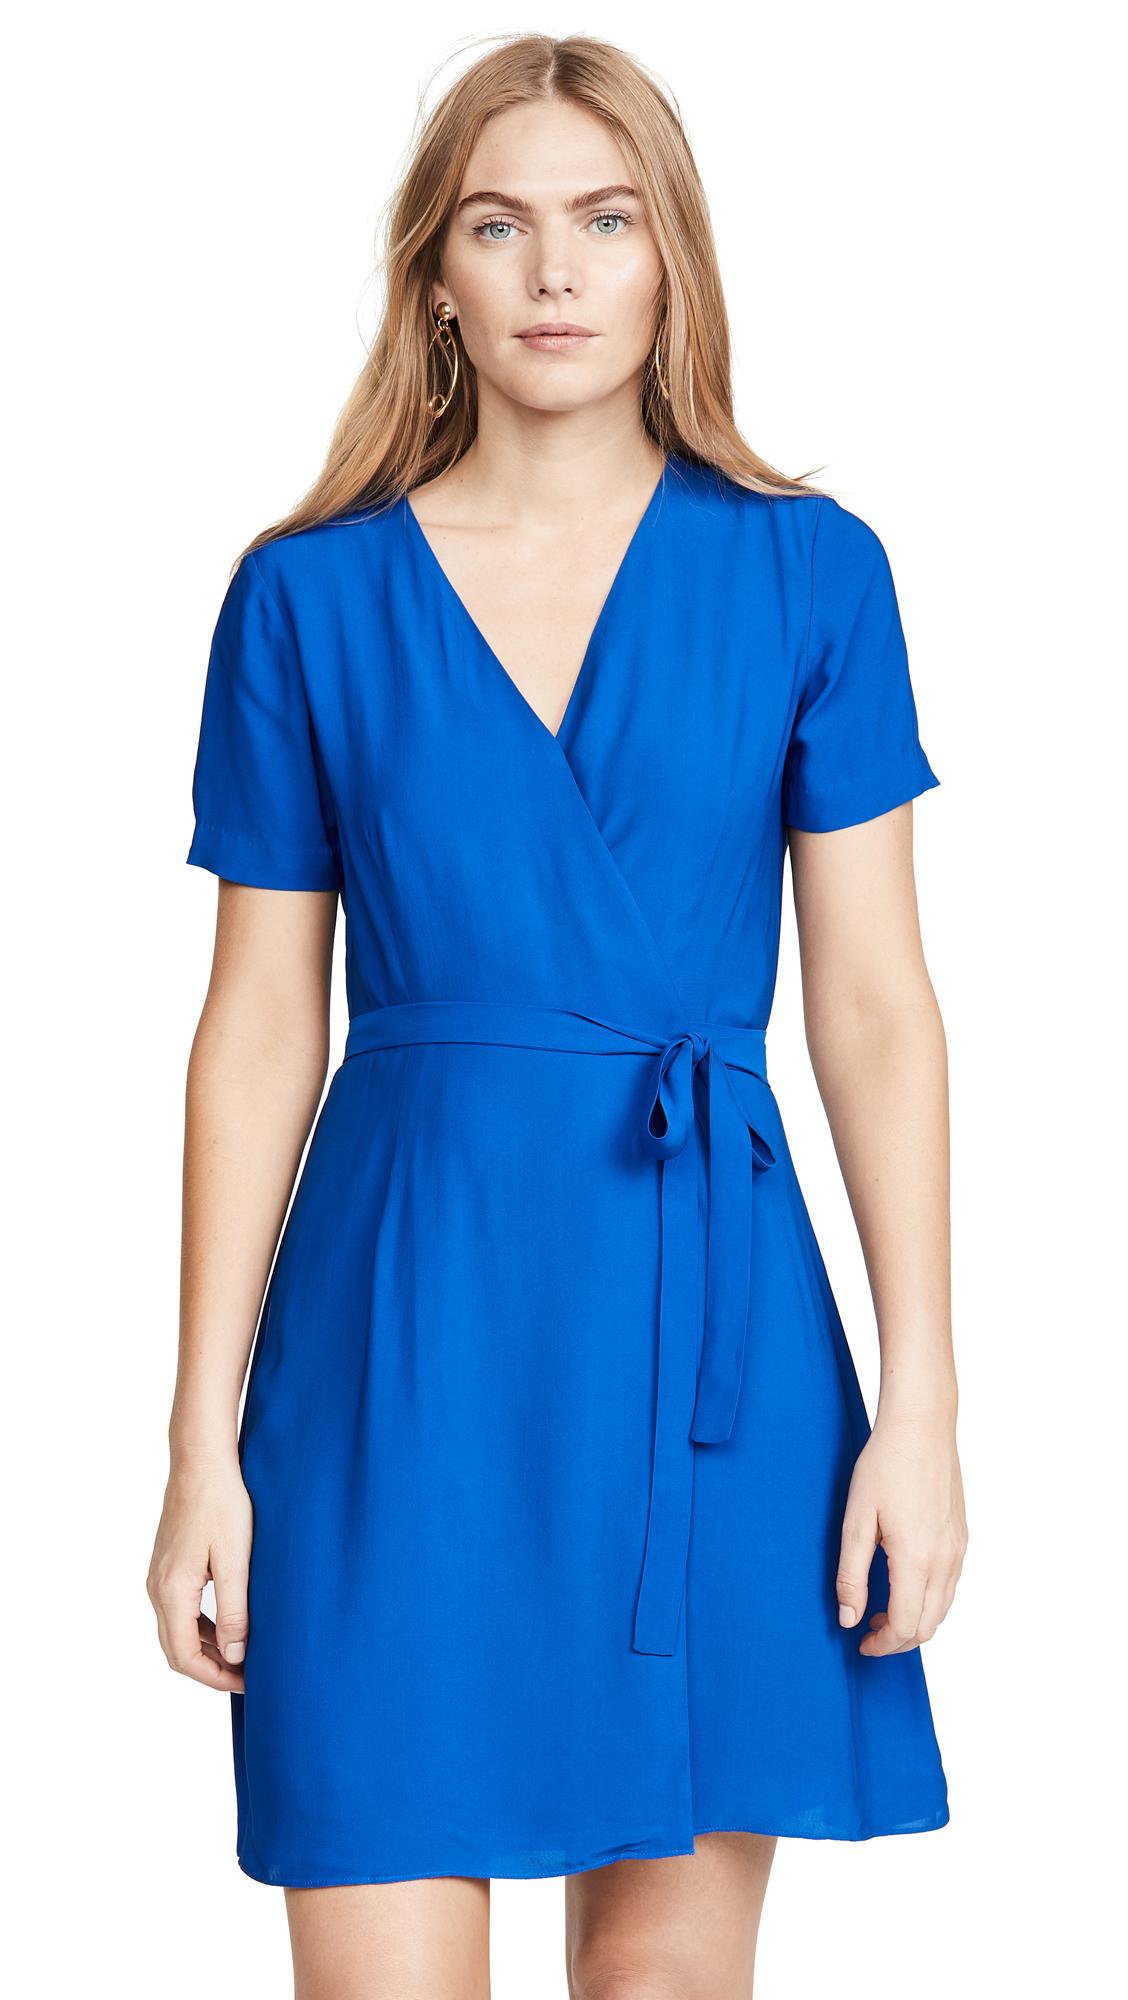 Diane von Furstenberg Savilla Dress - Cobalt